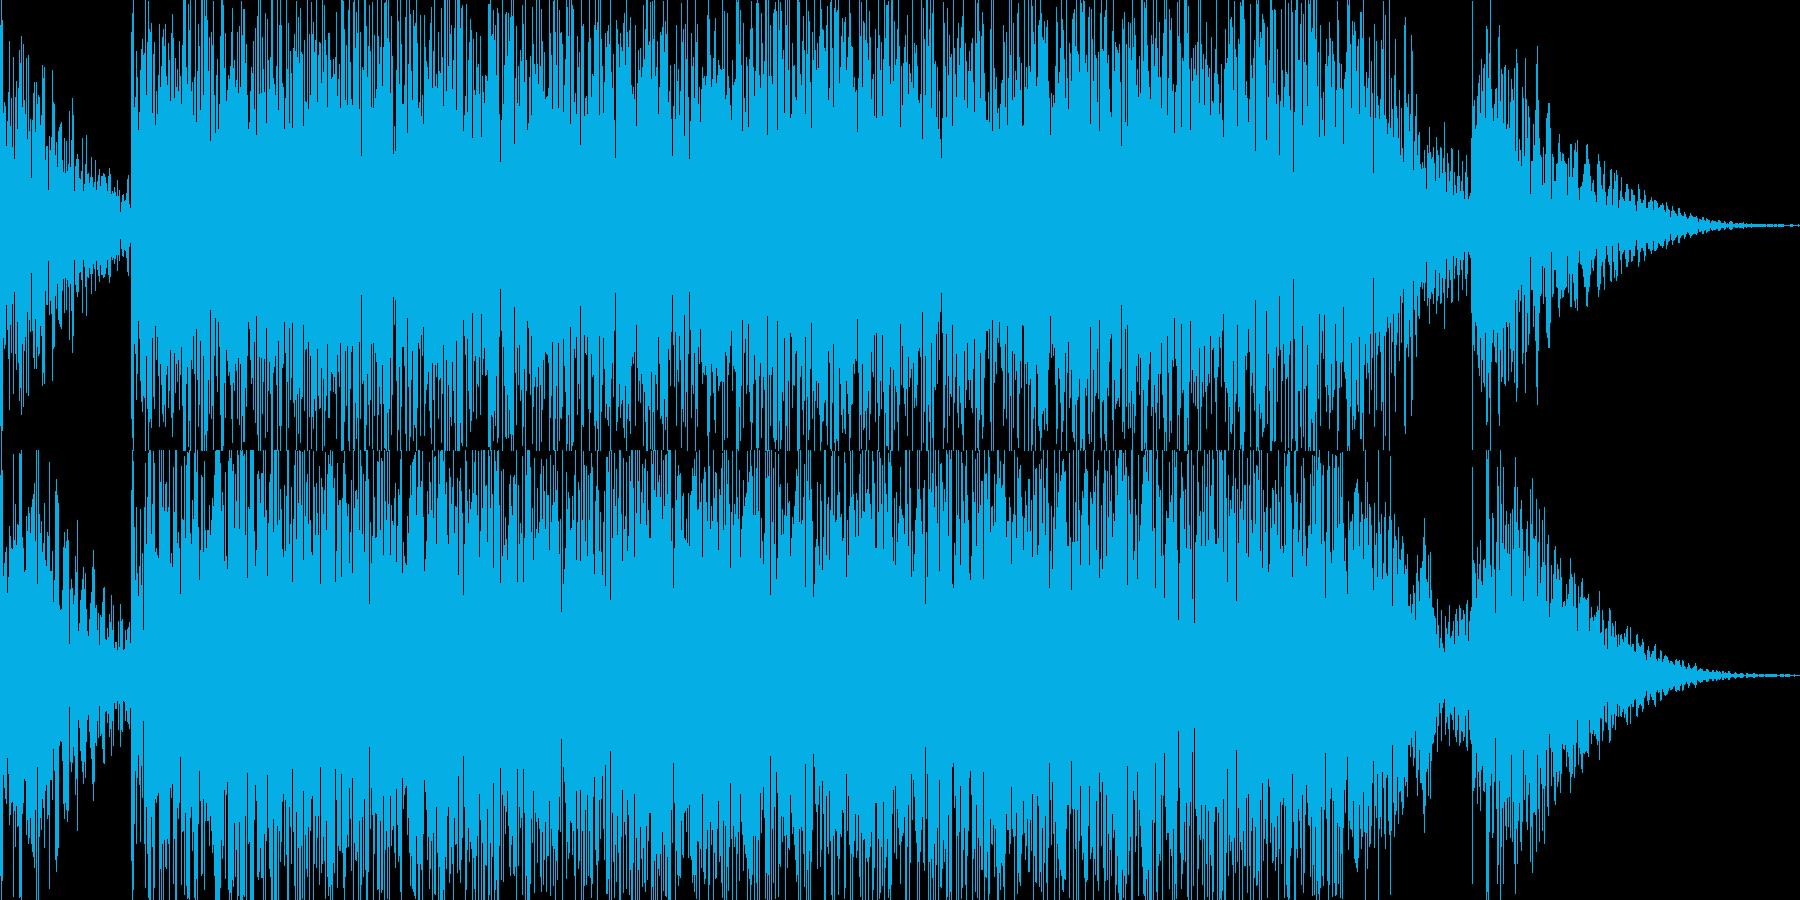 ドコドコドン 太鼓 ドラムロールの再生済みの波形